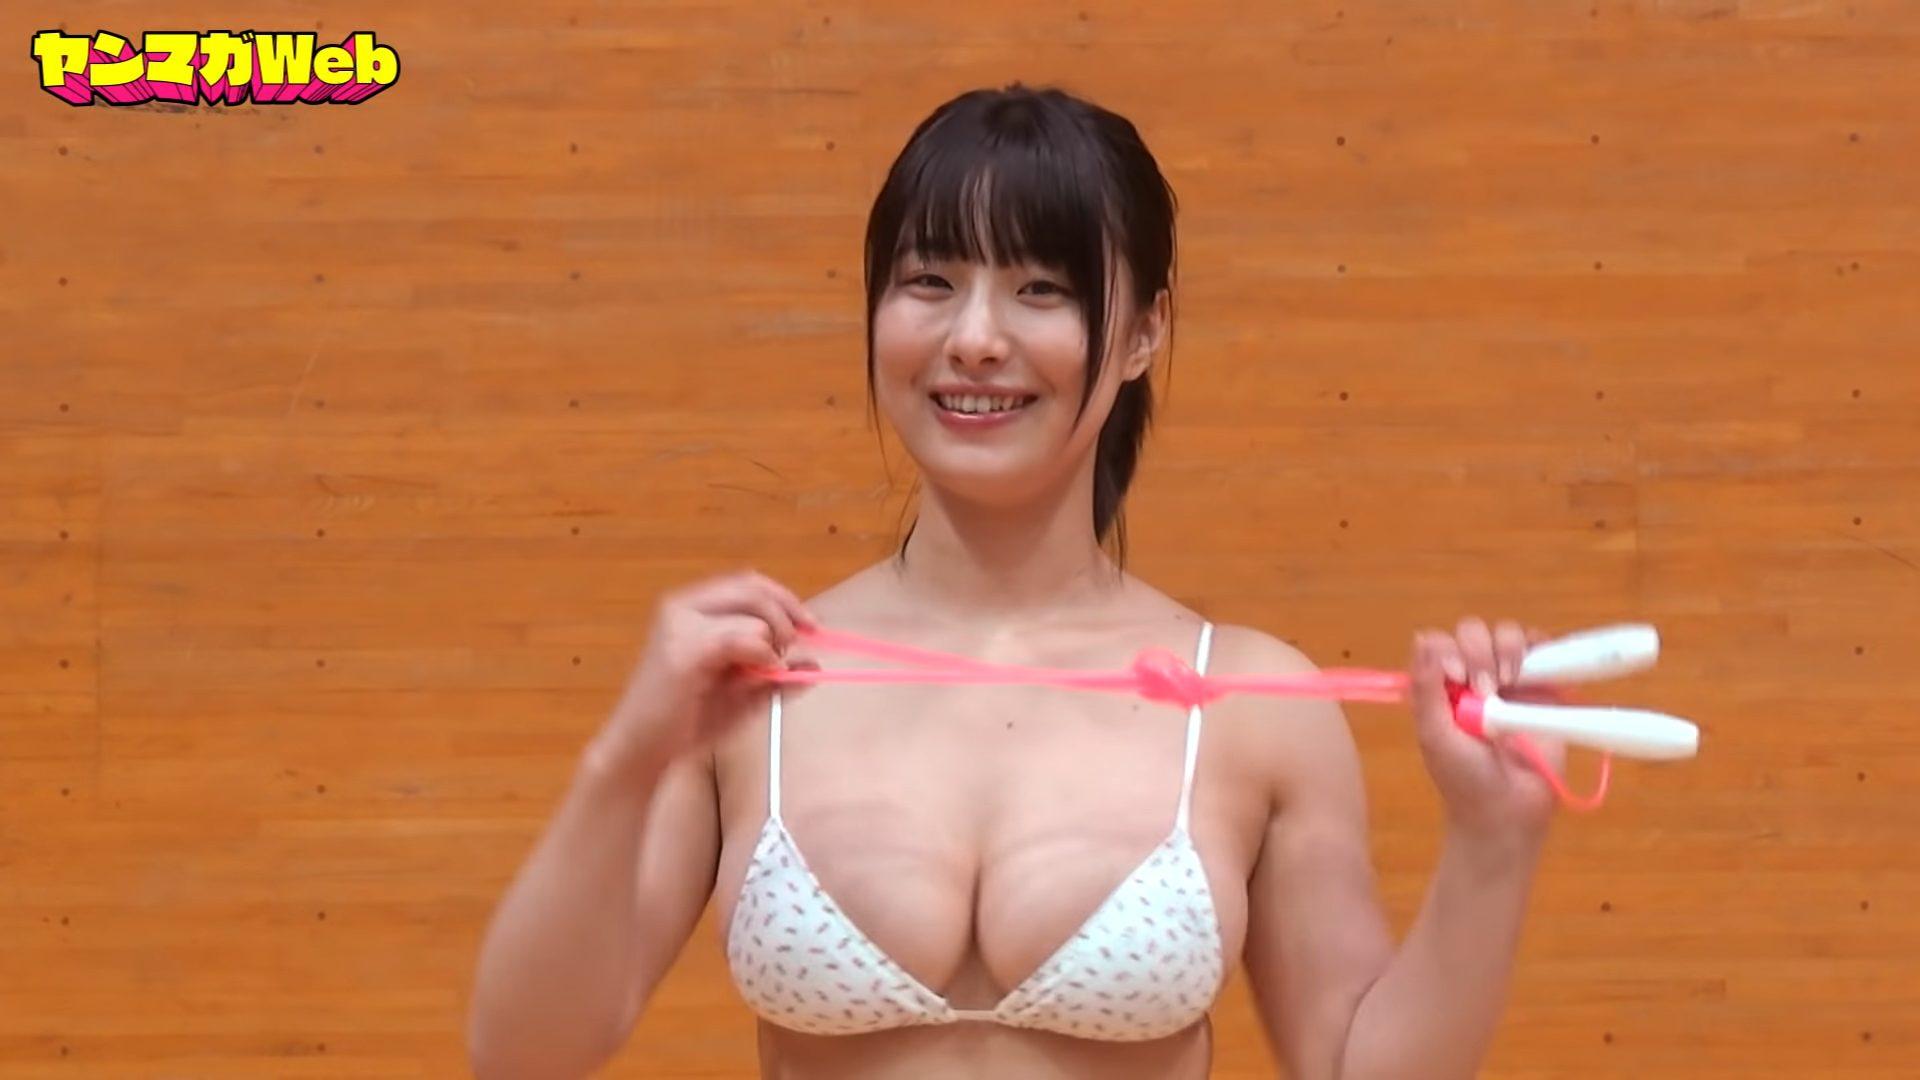 【大間乃トーコ】Hカップ5 ヤンマガWeb!水着でかけあし跳びチャレンジ!